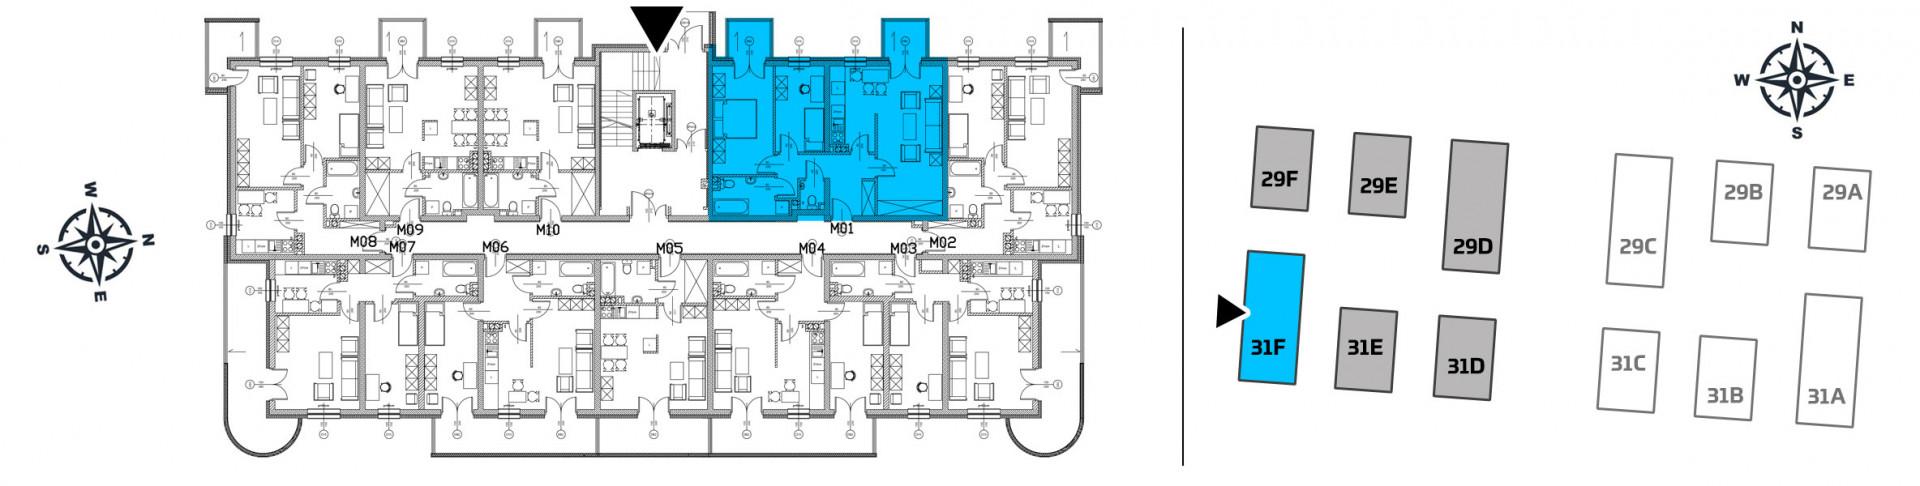 Mieszkanie trzypokojowe 31F/1 rzut 2